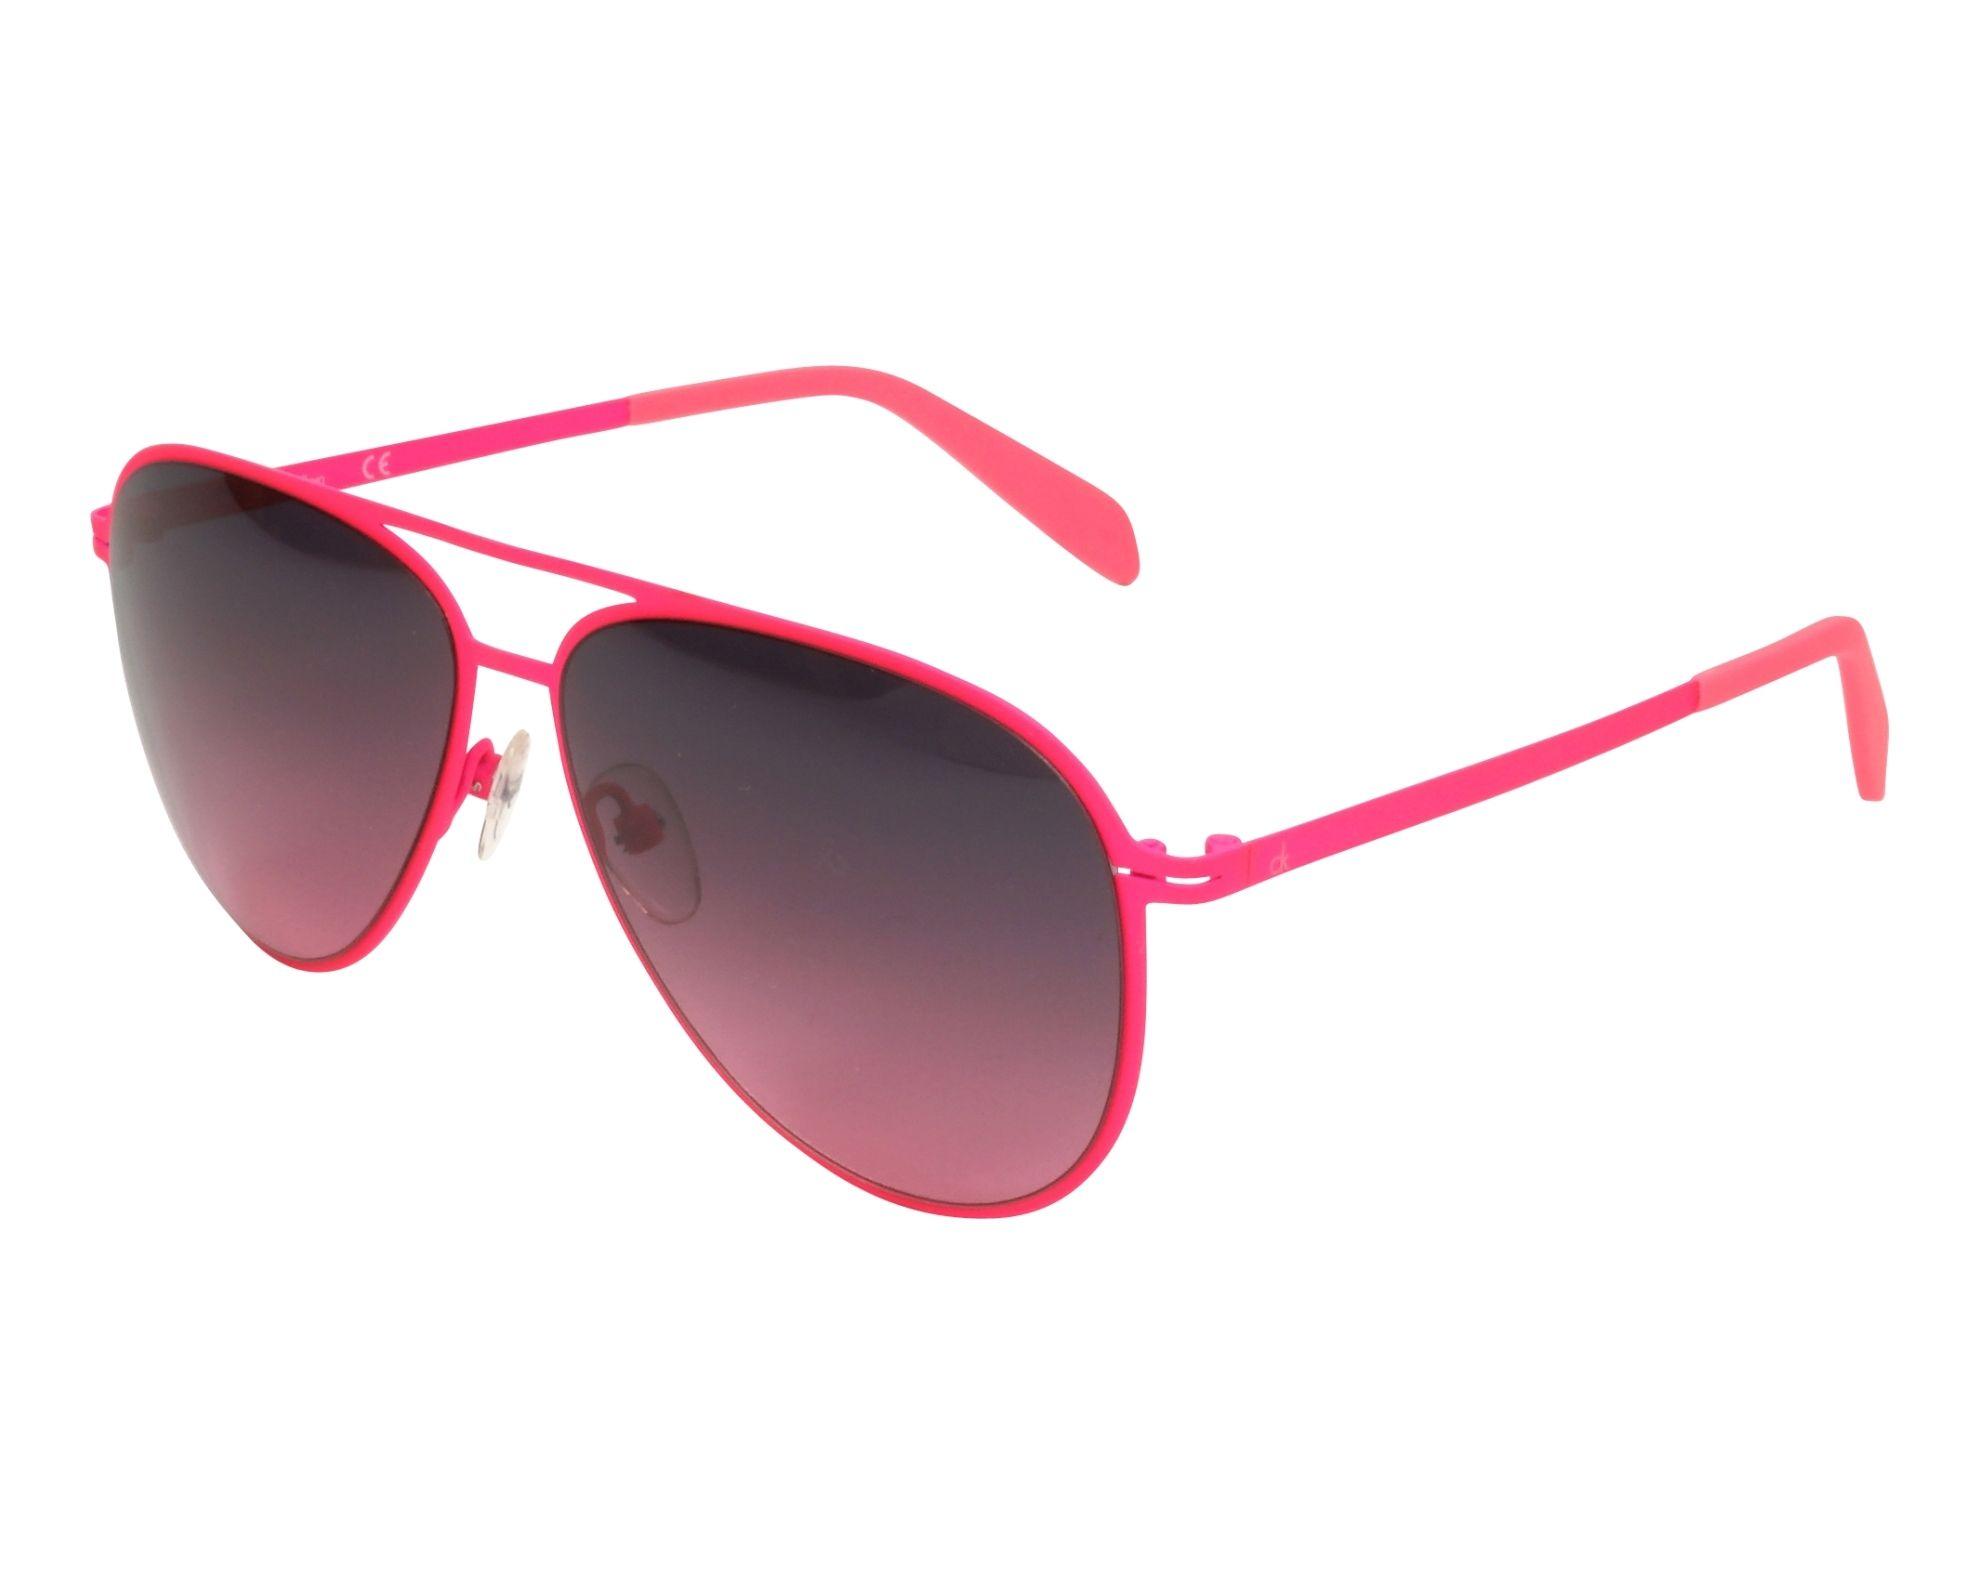 Calvin Klein Sonnenbrille (CK2138S 664 56) roVk0M